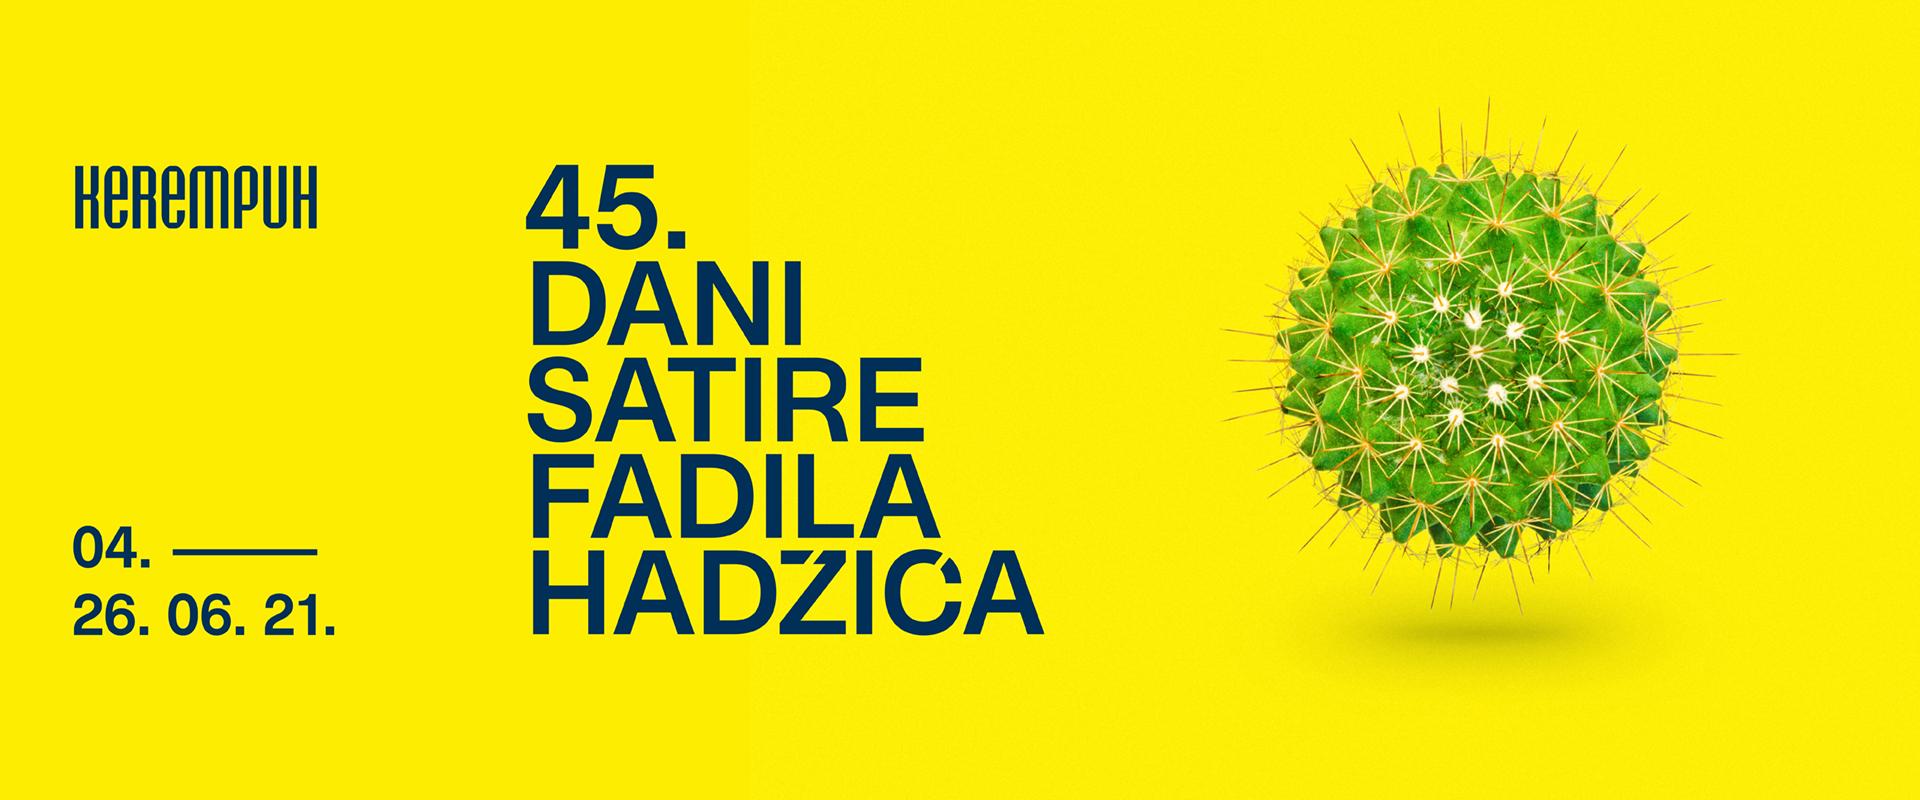 45. Dani satire Fadila Hadžića u Kerempuhu